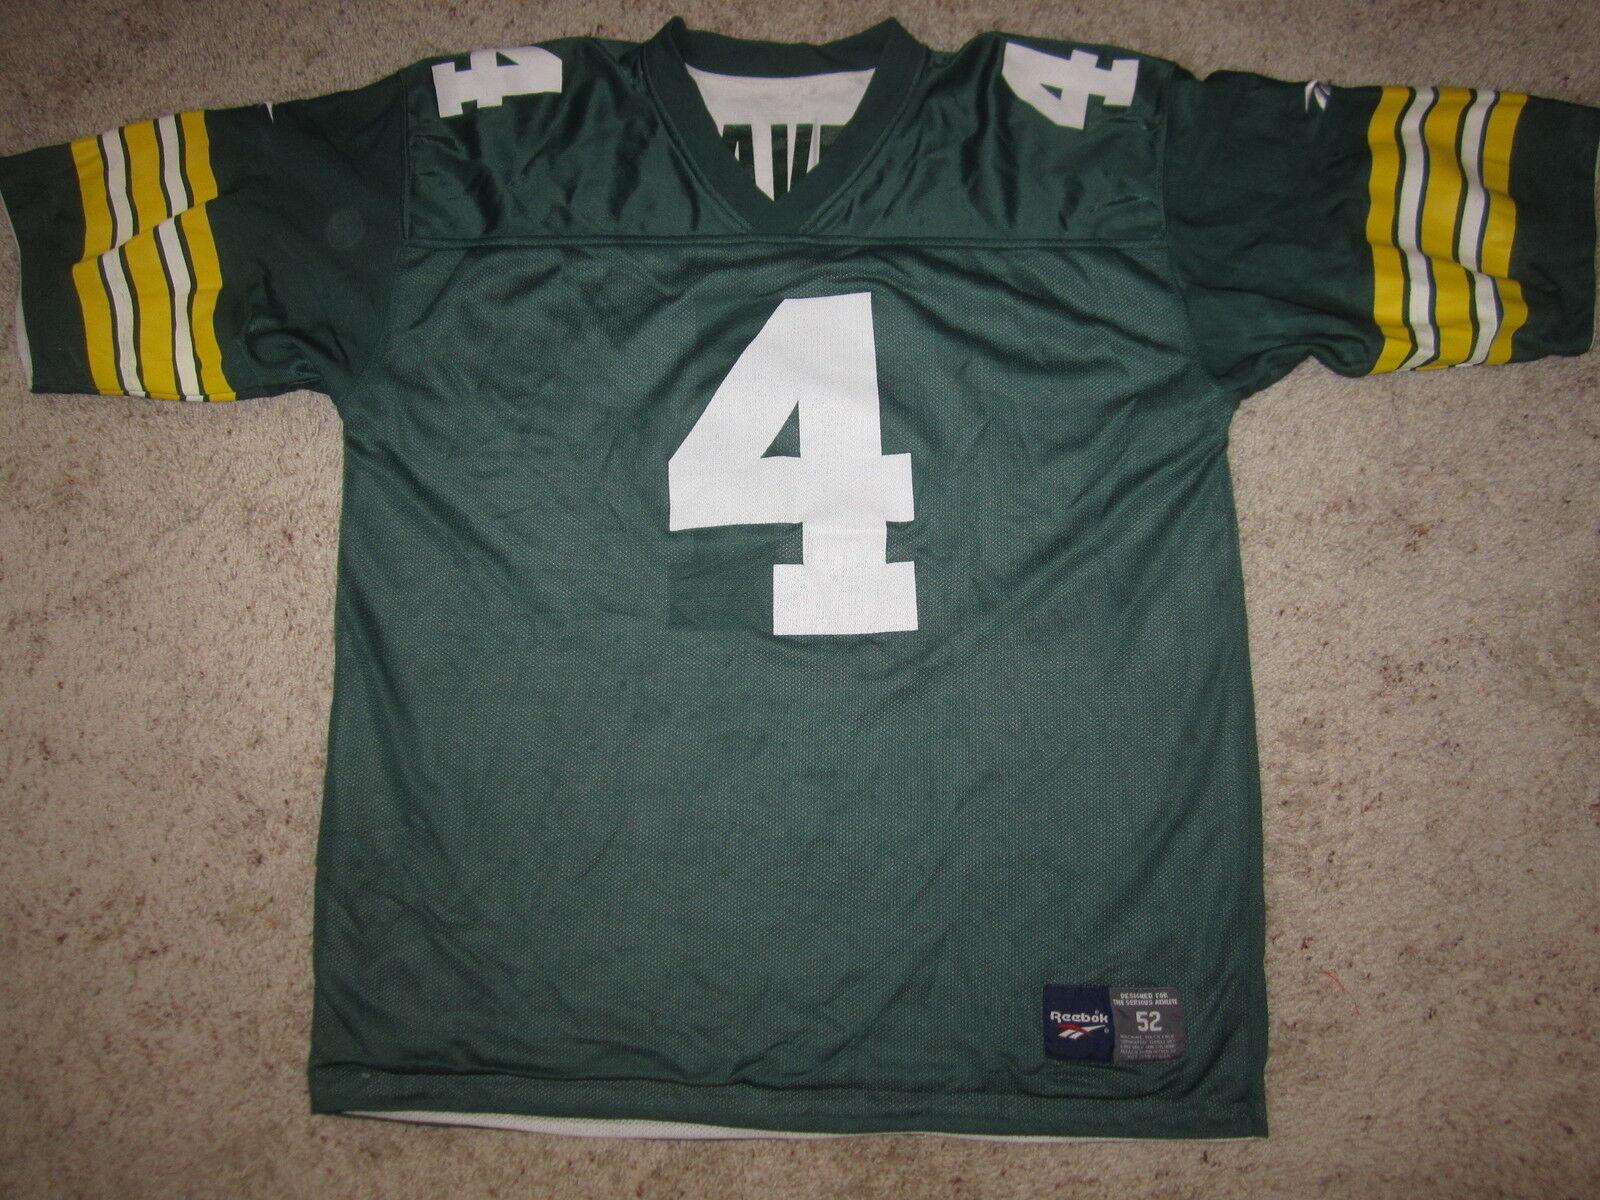 Brett Favre verde Bay Packers Reebok 2in1 Camiseta 52